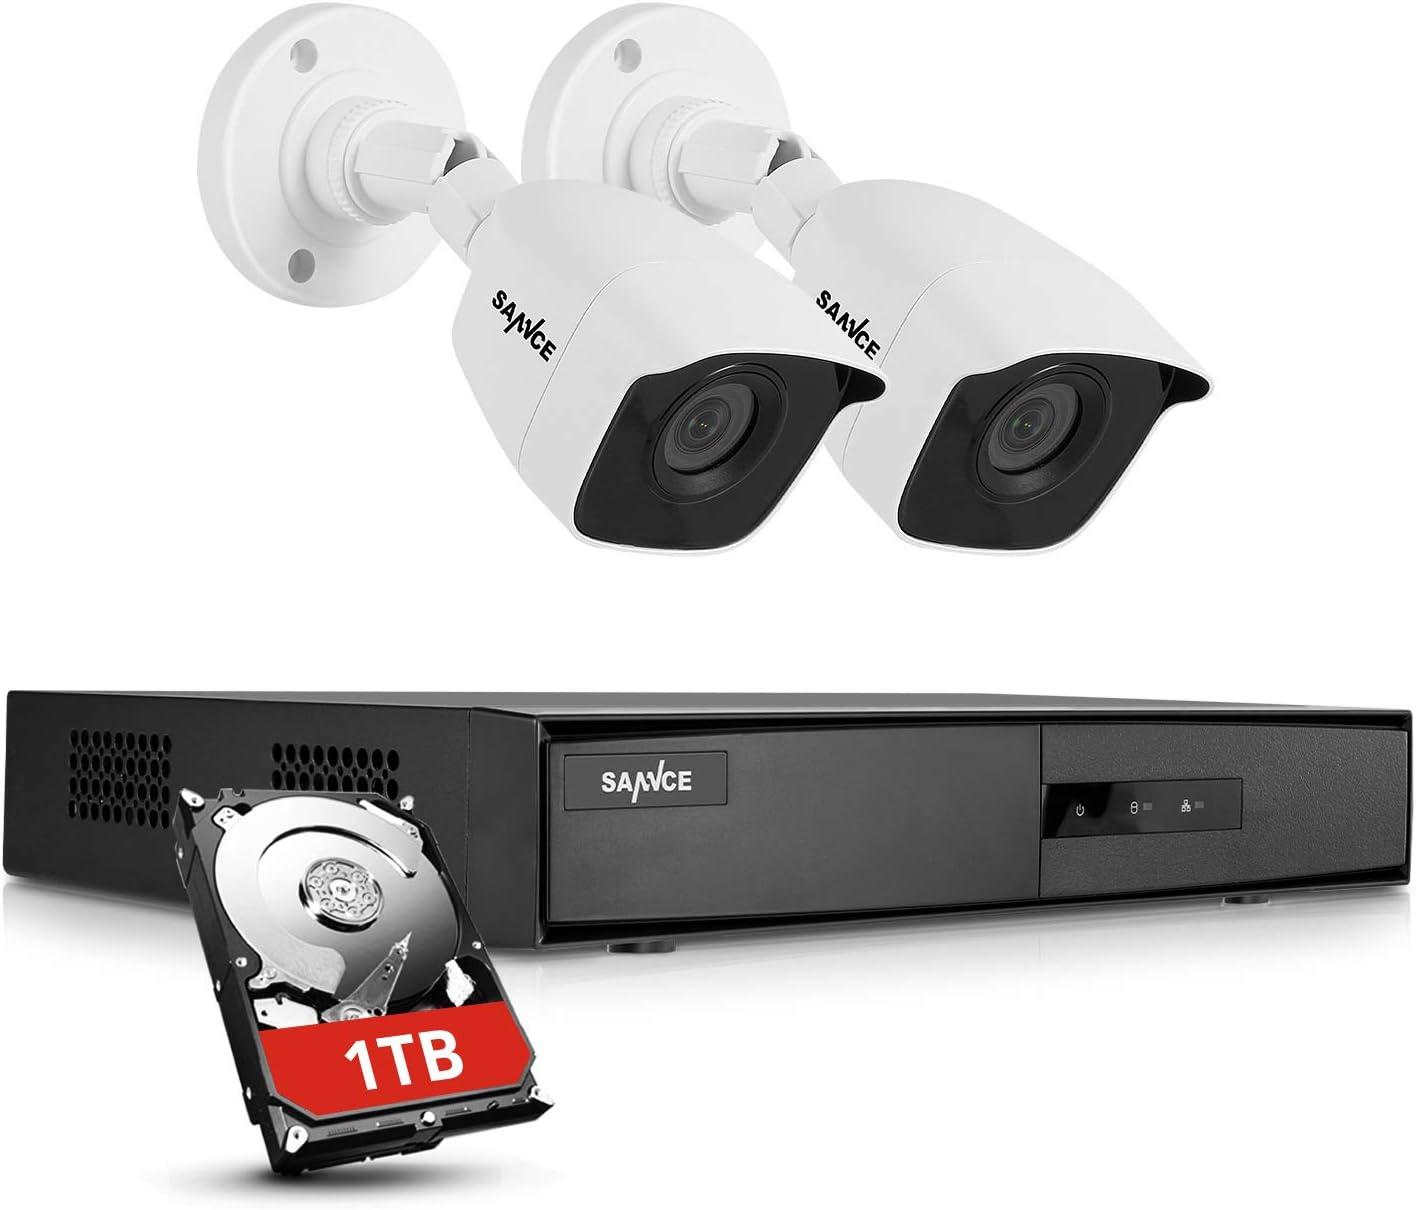 SANNCE Kit de Seguridad Sistema de 4CH 1080N DVR 5-en-1 y 2 Cámaras de Vgilancia 1080P HD Visión Nocturna Leds IP66 Interior/Exterior Acceso Remoto-1T Disco Duro